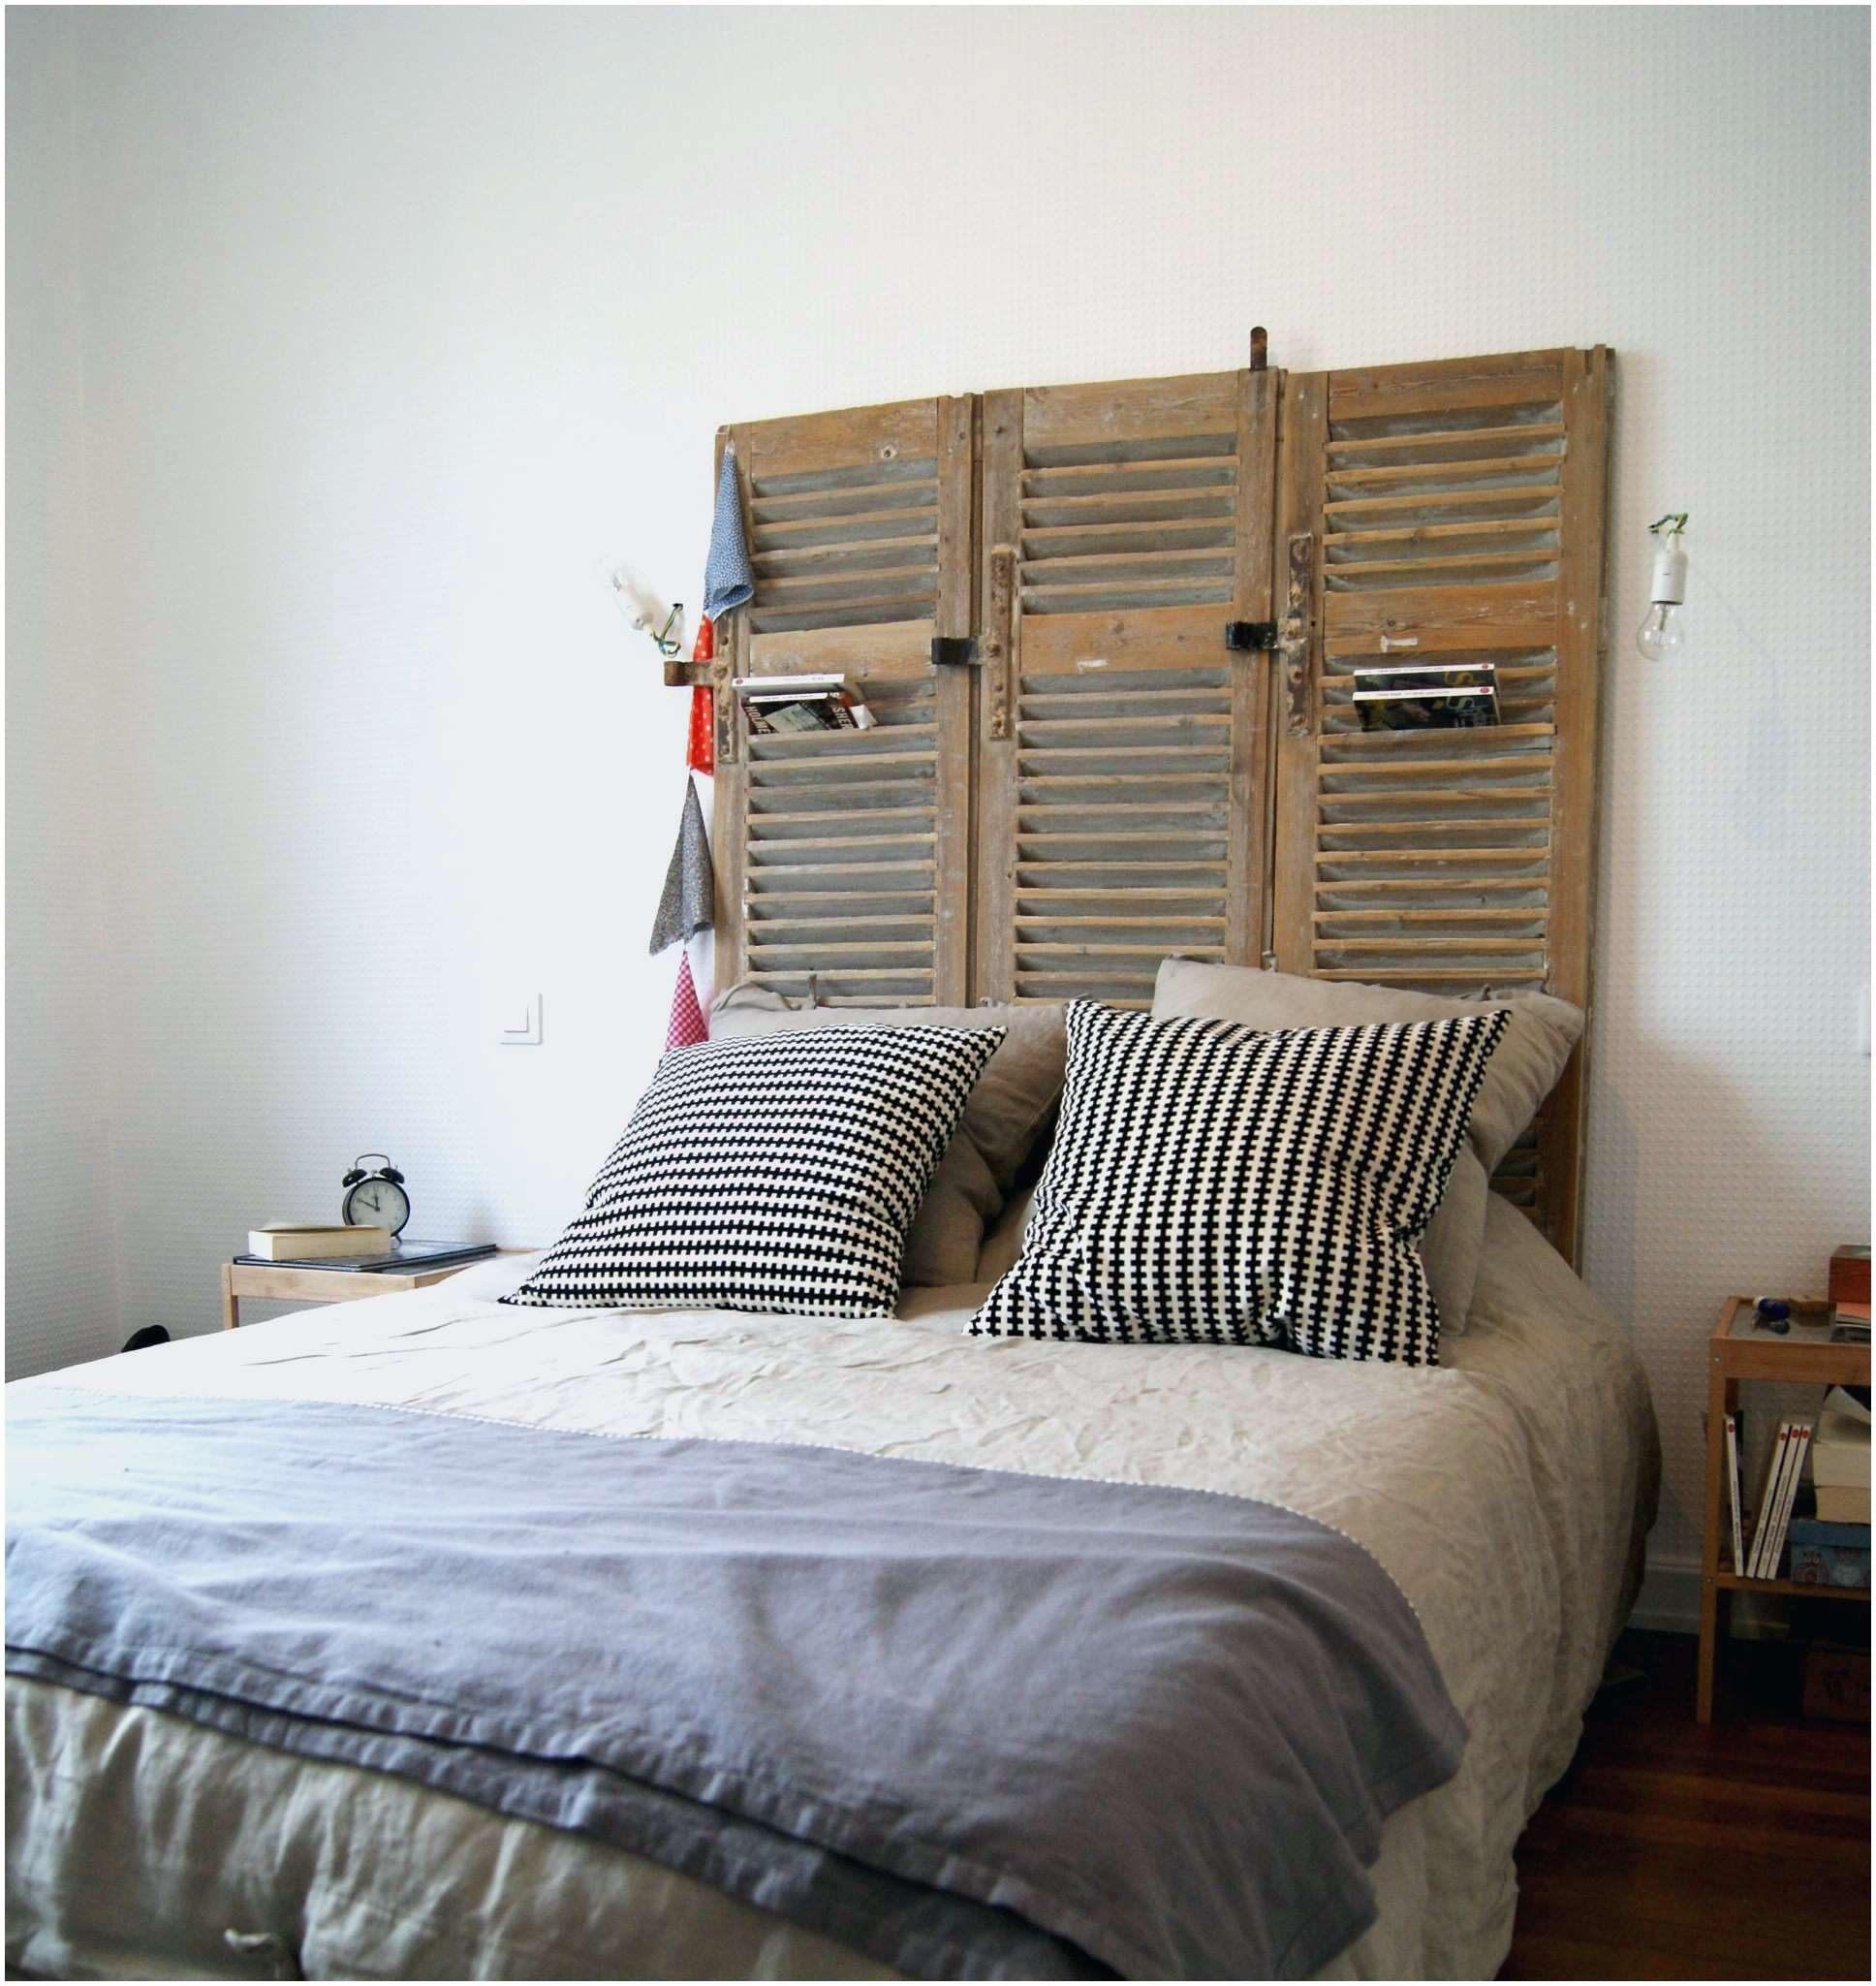 Tete De Lit à Housser Inspirant Impressionnant Barre Tete De Lit Cool Bedroom Ideas Bedroom Ideas